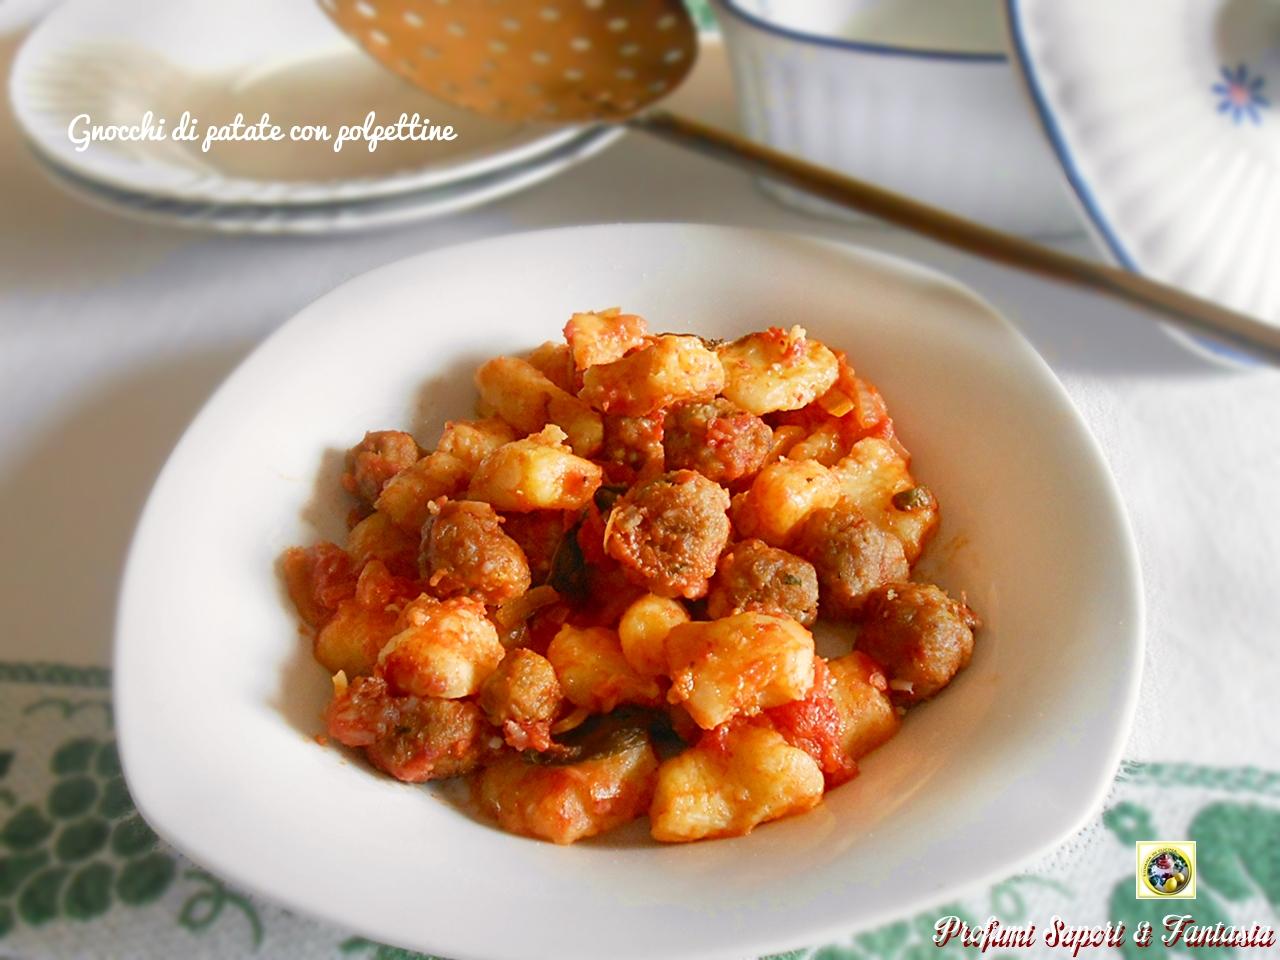 Gnocchi di patate al sugo con polpettine